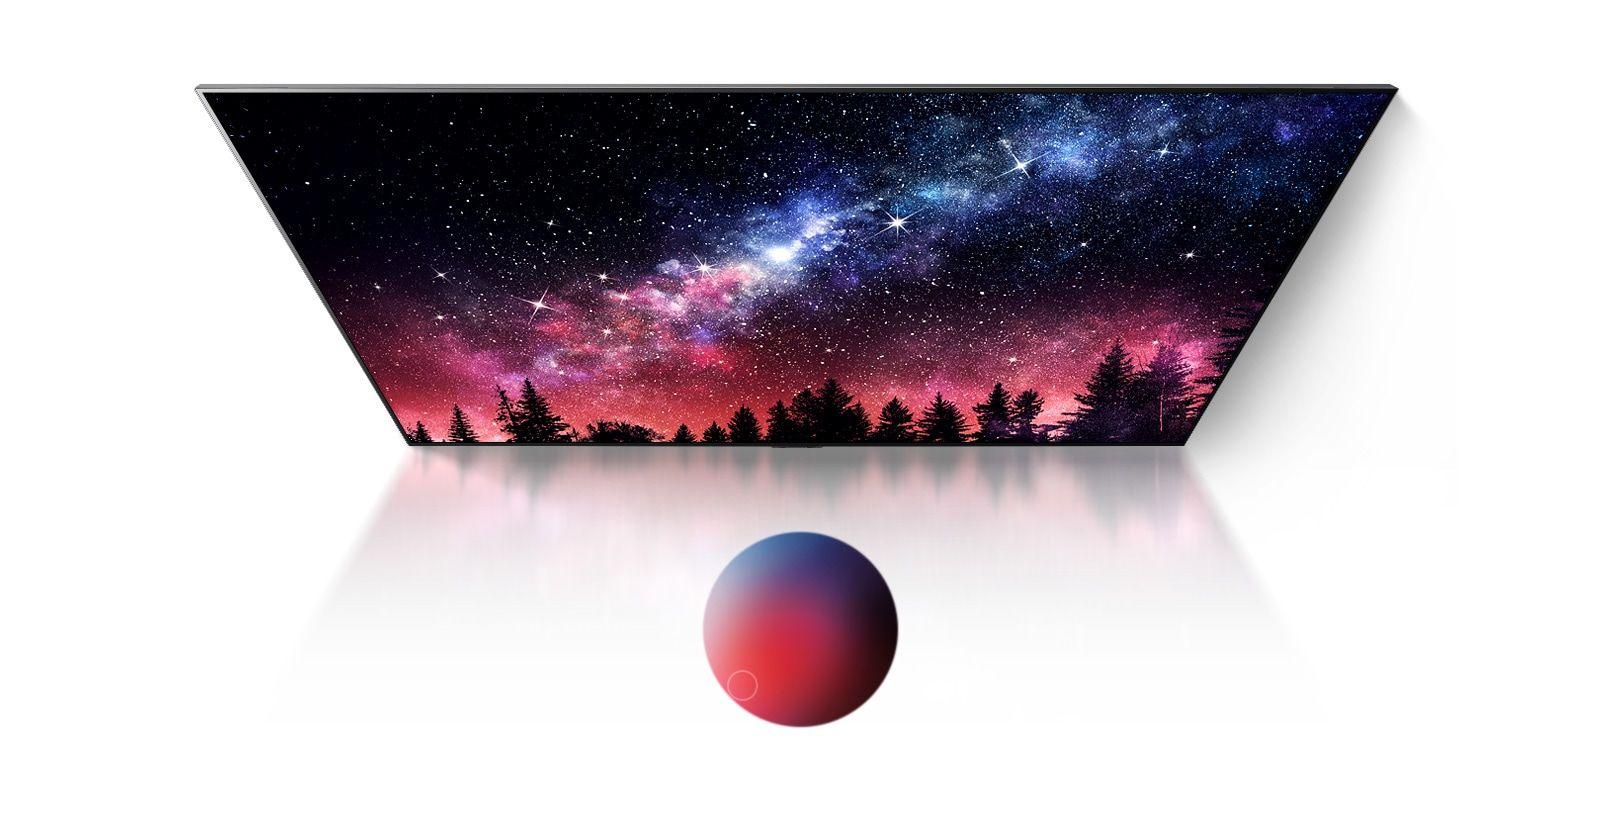 TV-képernyő, melyen a tejút, kék ég és színes porfelhő látható kiváló minőségben (videó megtekintése)